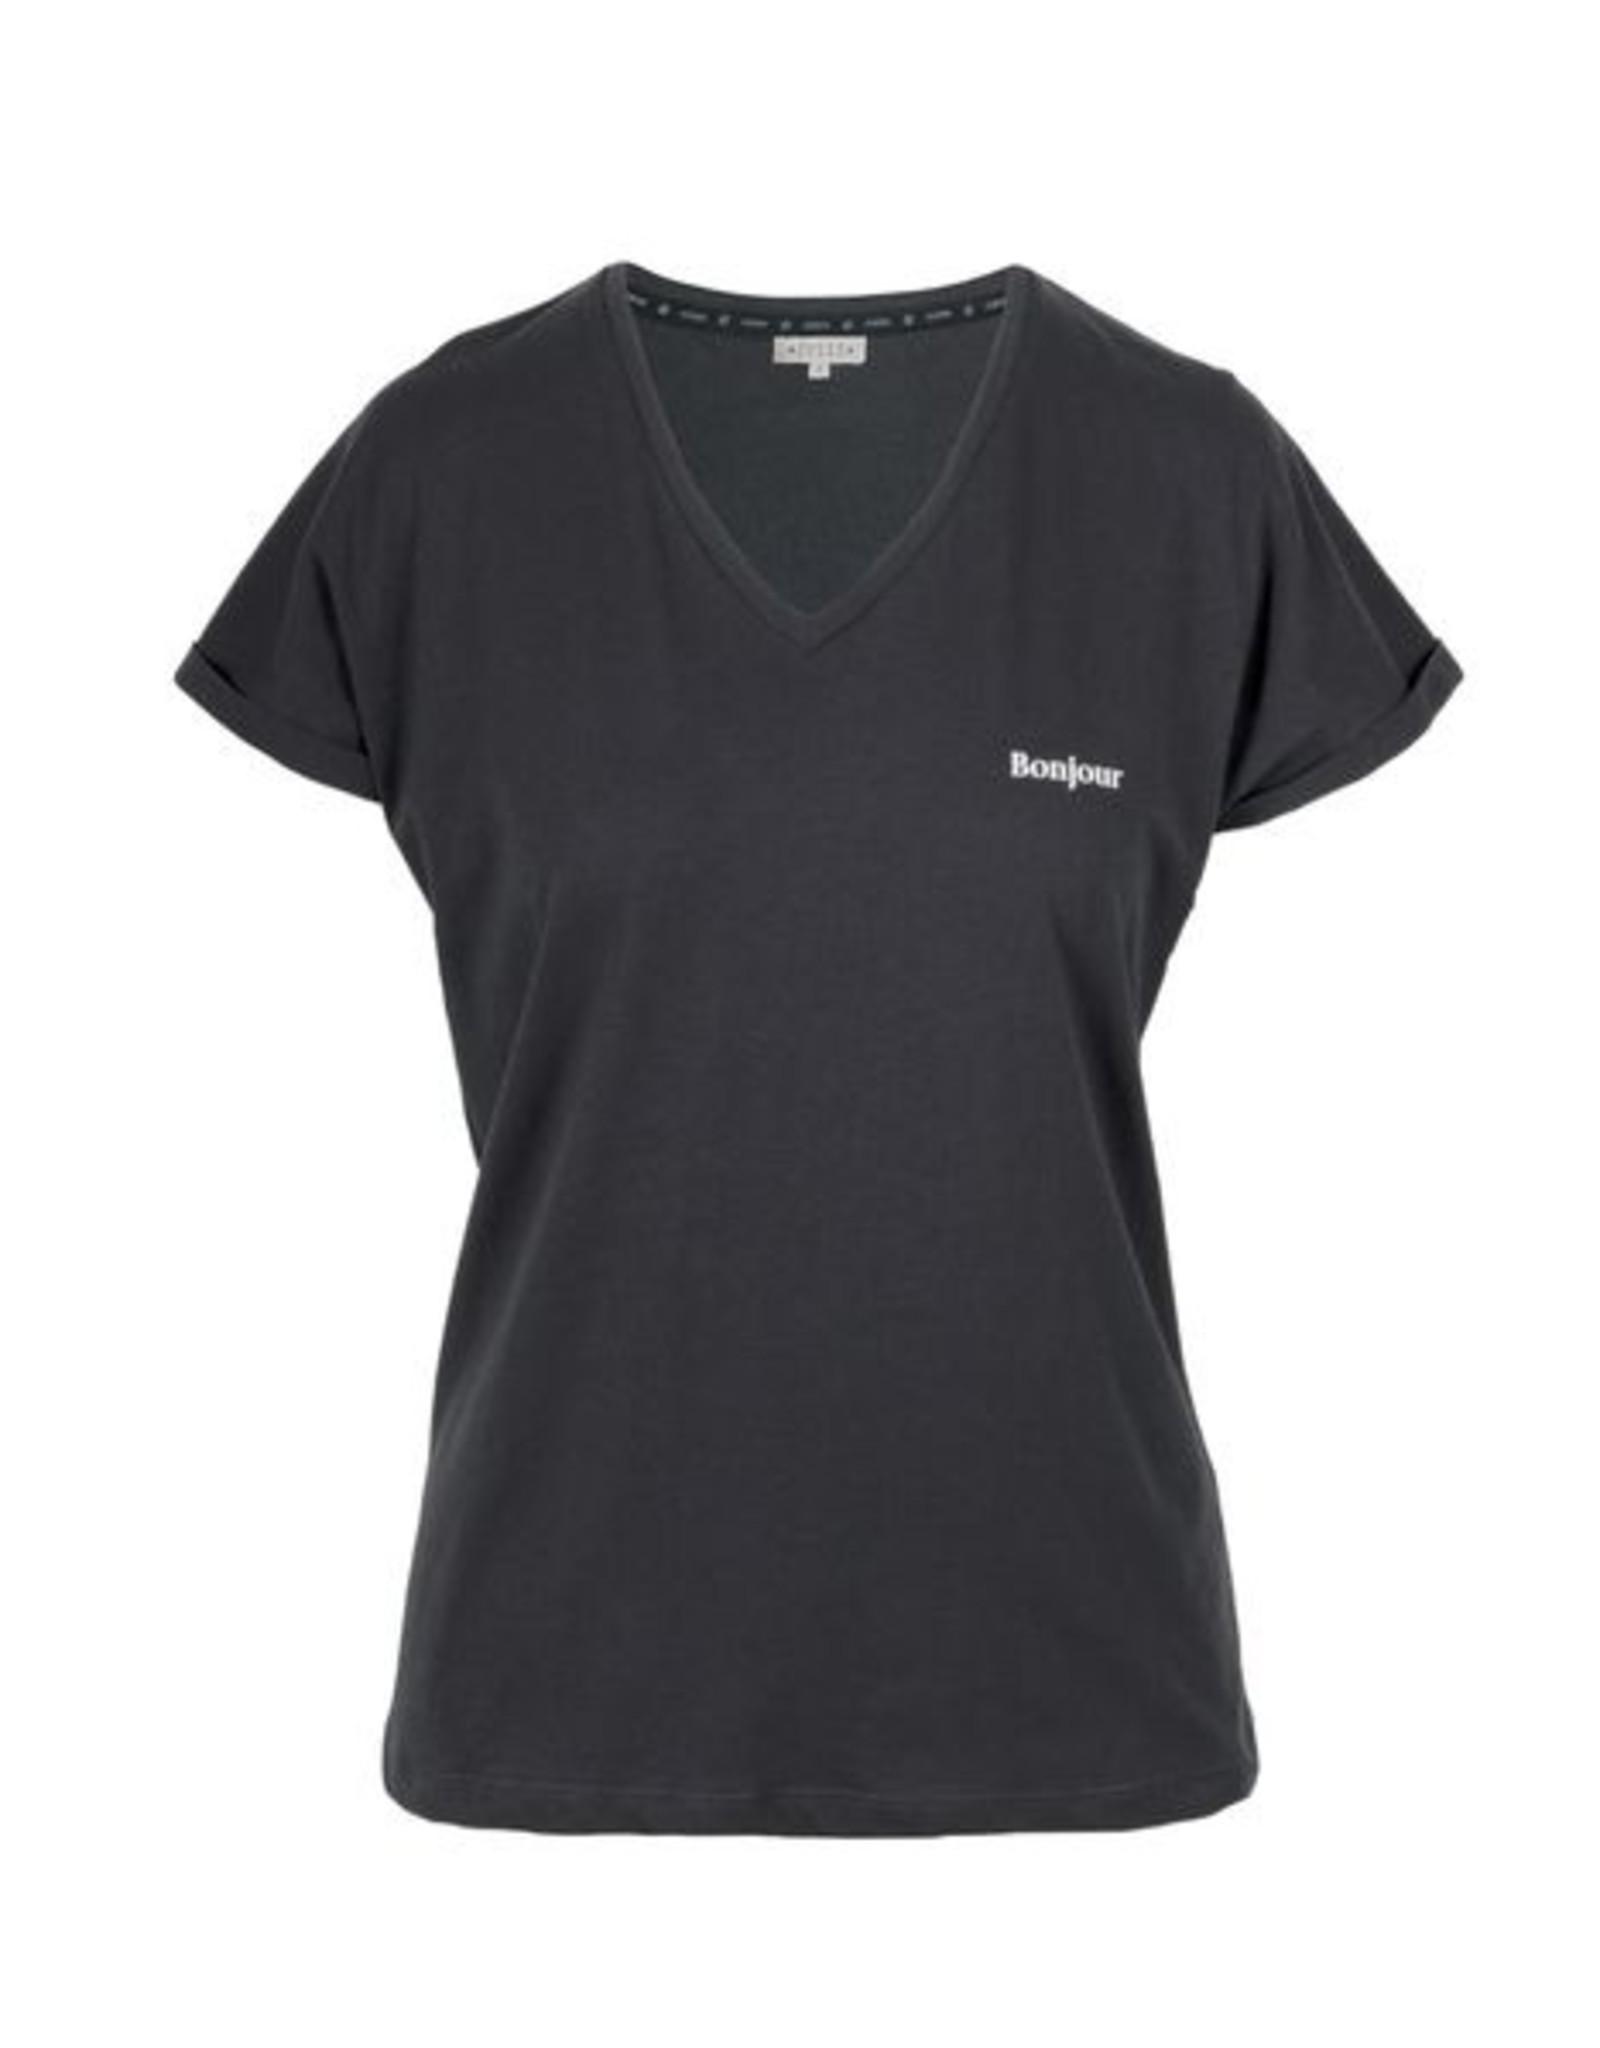 Zusss Basic t-shirt met V-hals bonjour grafietgrijs